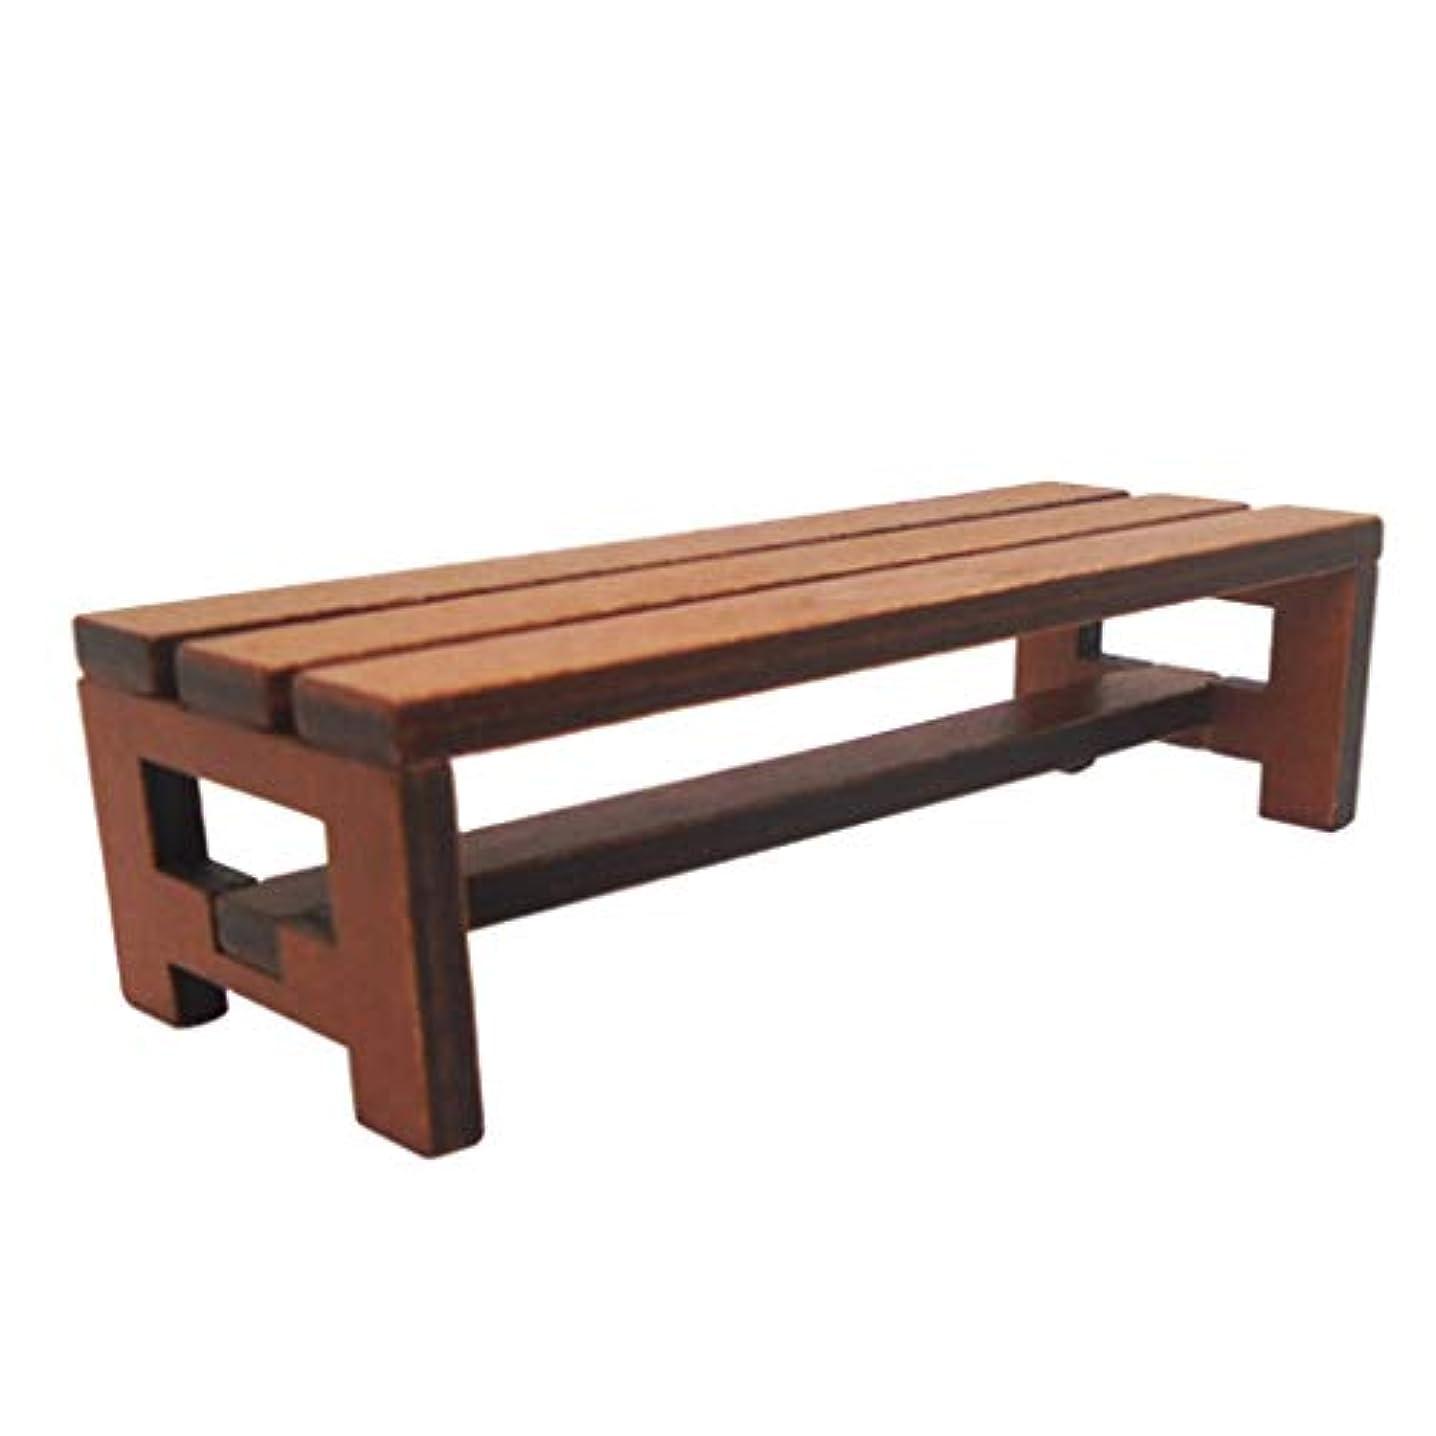 サリー眠るテストToygogo ミニチュア チェア 椅子 ベンチ 1/12 ドールハウス家具 約12x4.5x3.5cm